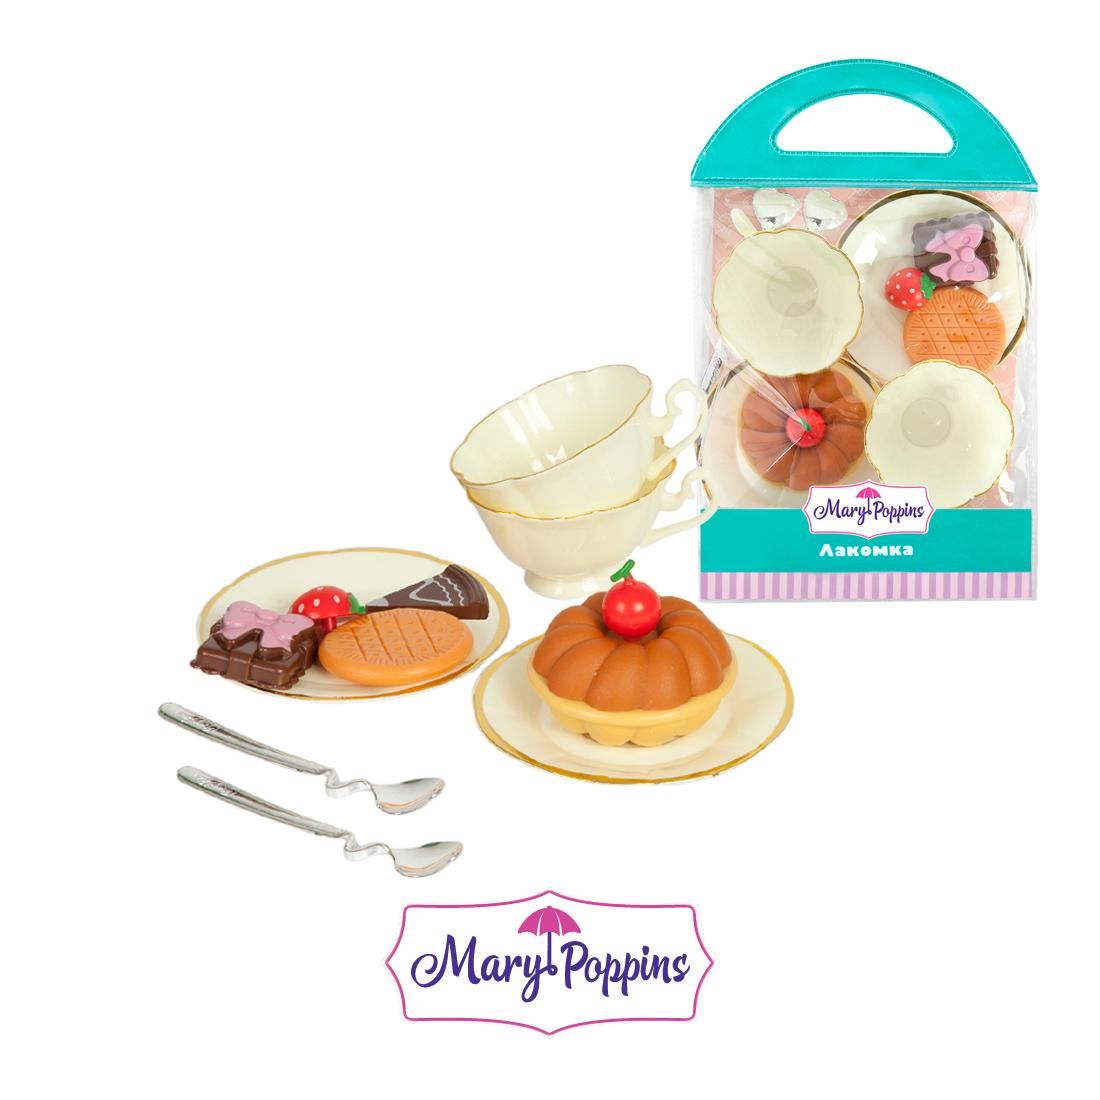 Посуда и наборы продуктов Mary Poppins Игровой набор Mary Poppins «Набор пирожных» с кружками набор пирожных mary poppins лакомка 453047